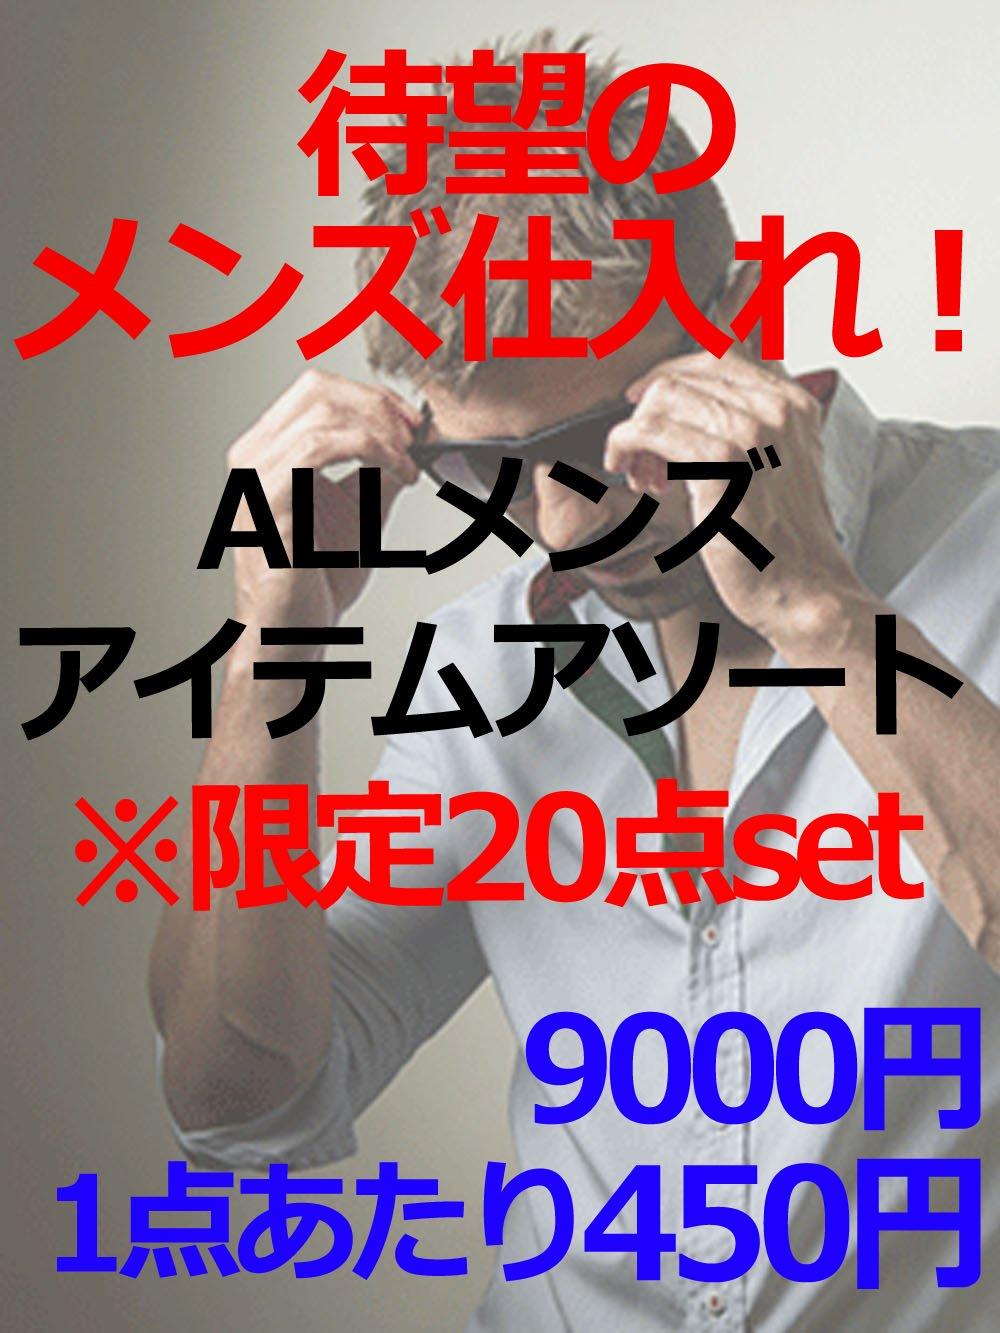 限定20セット【待望のメンズ仕入れ!】ALLメンズアイテムアソートセット☆ 【20点】@450